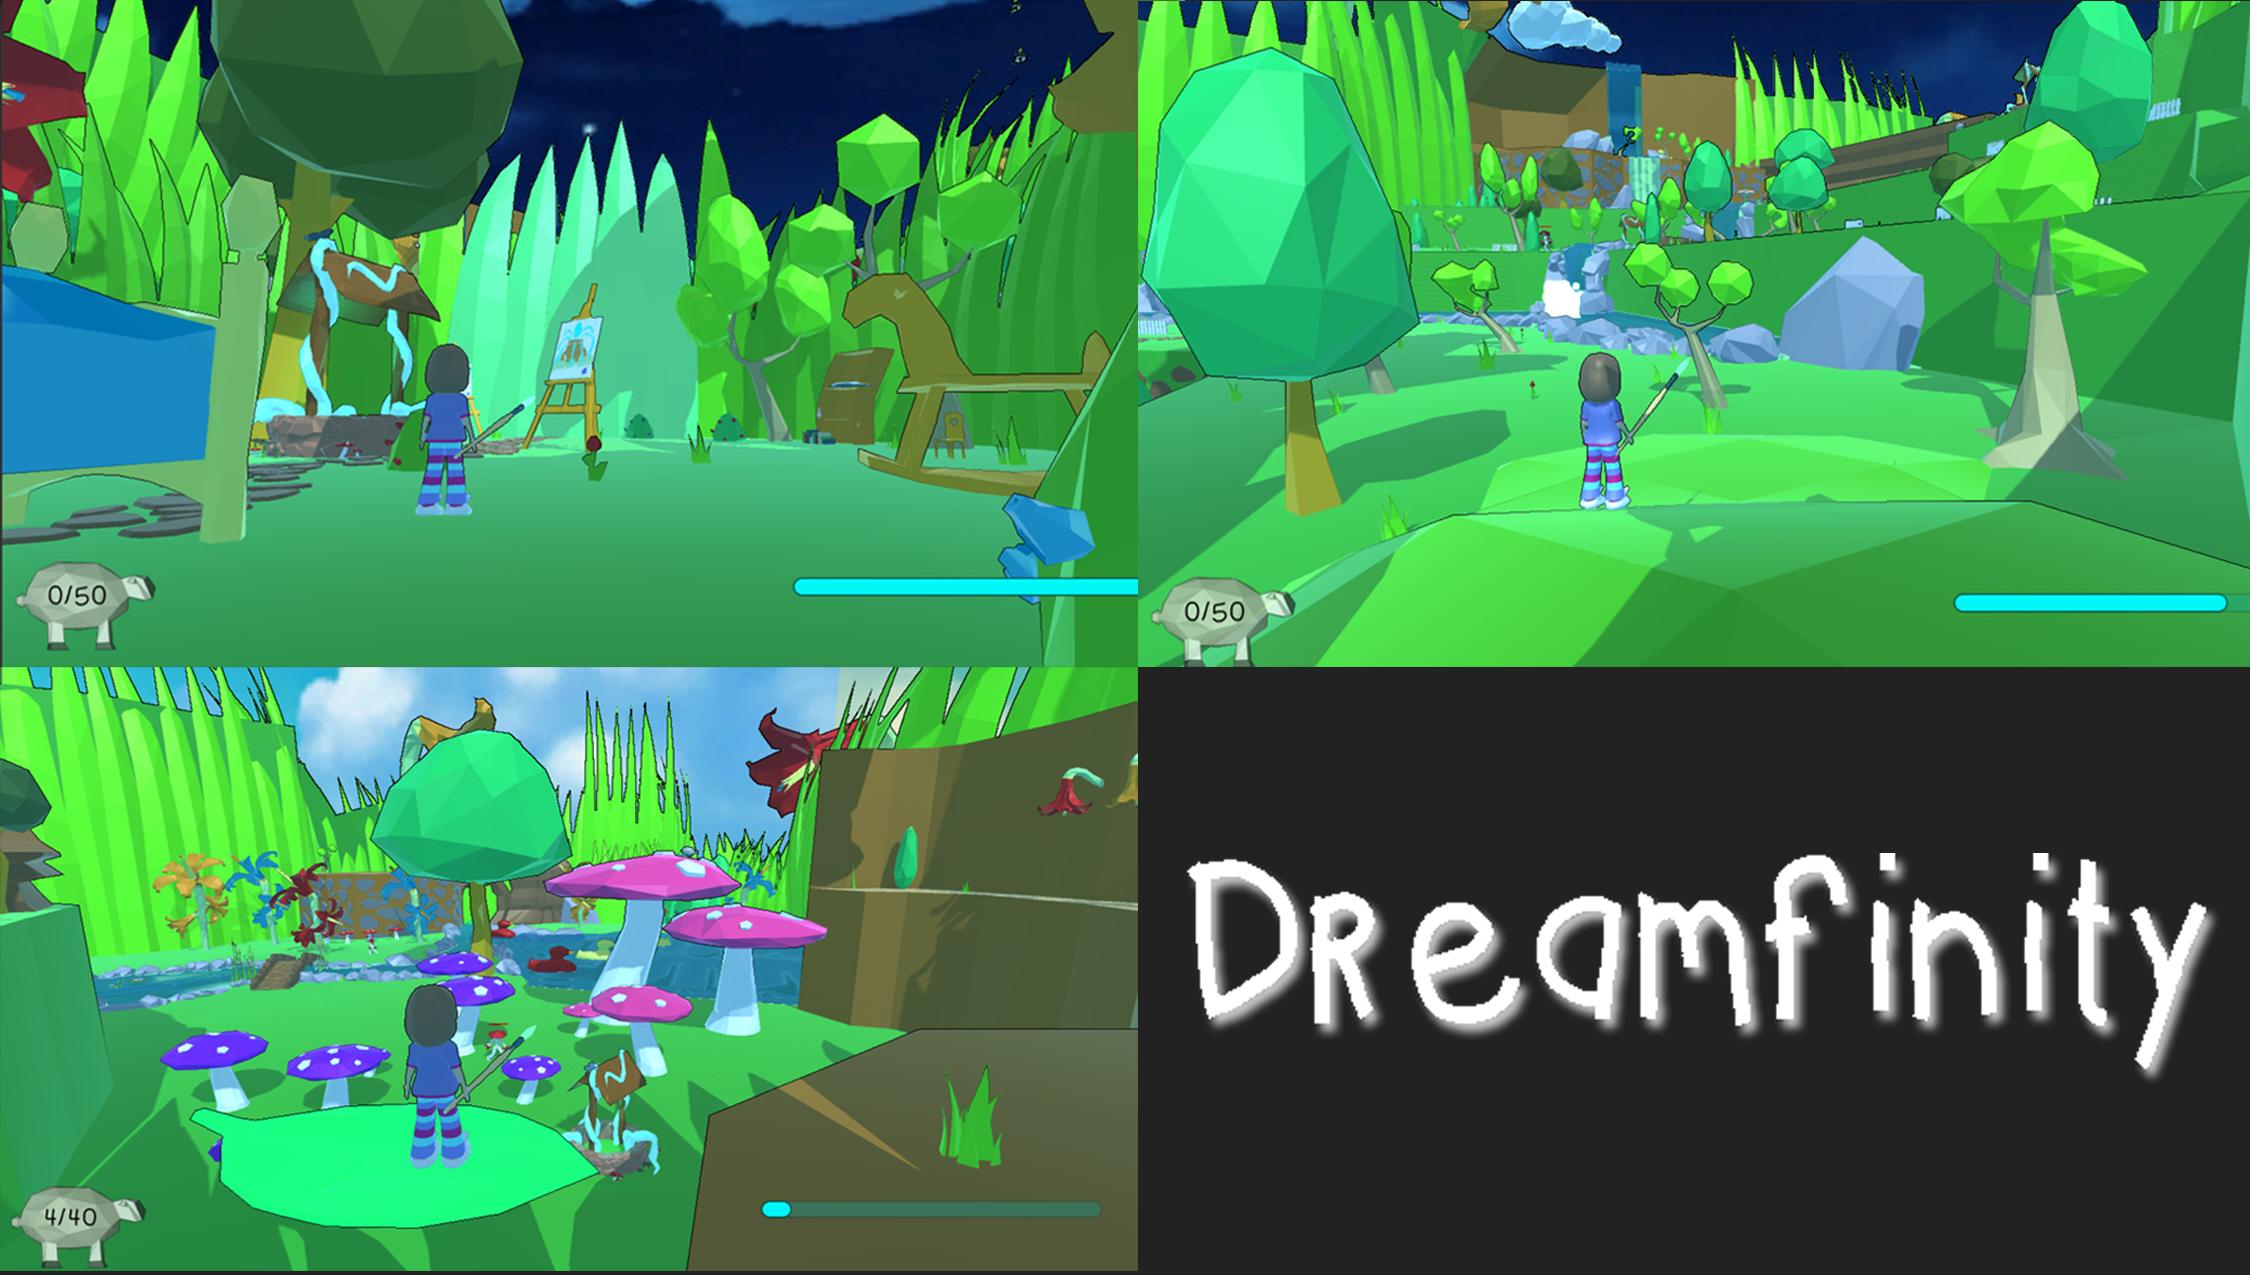 Dreamfinity!